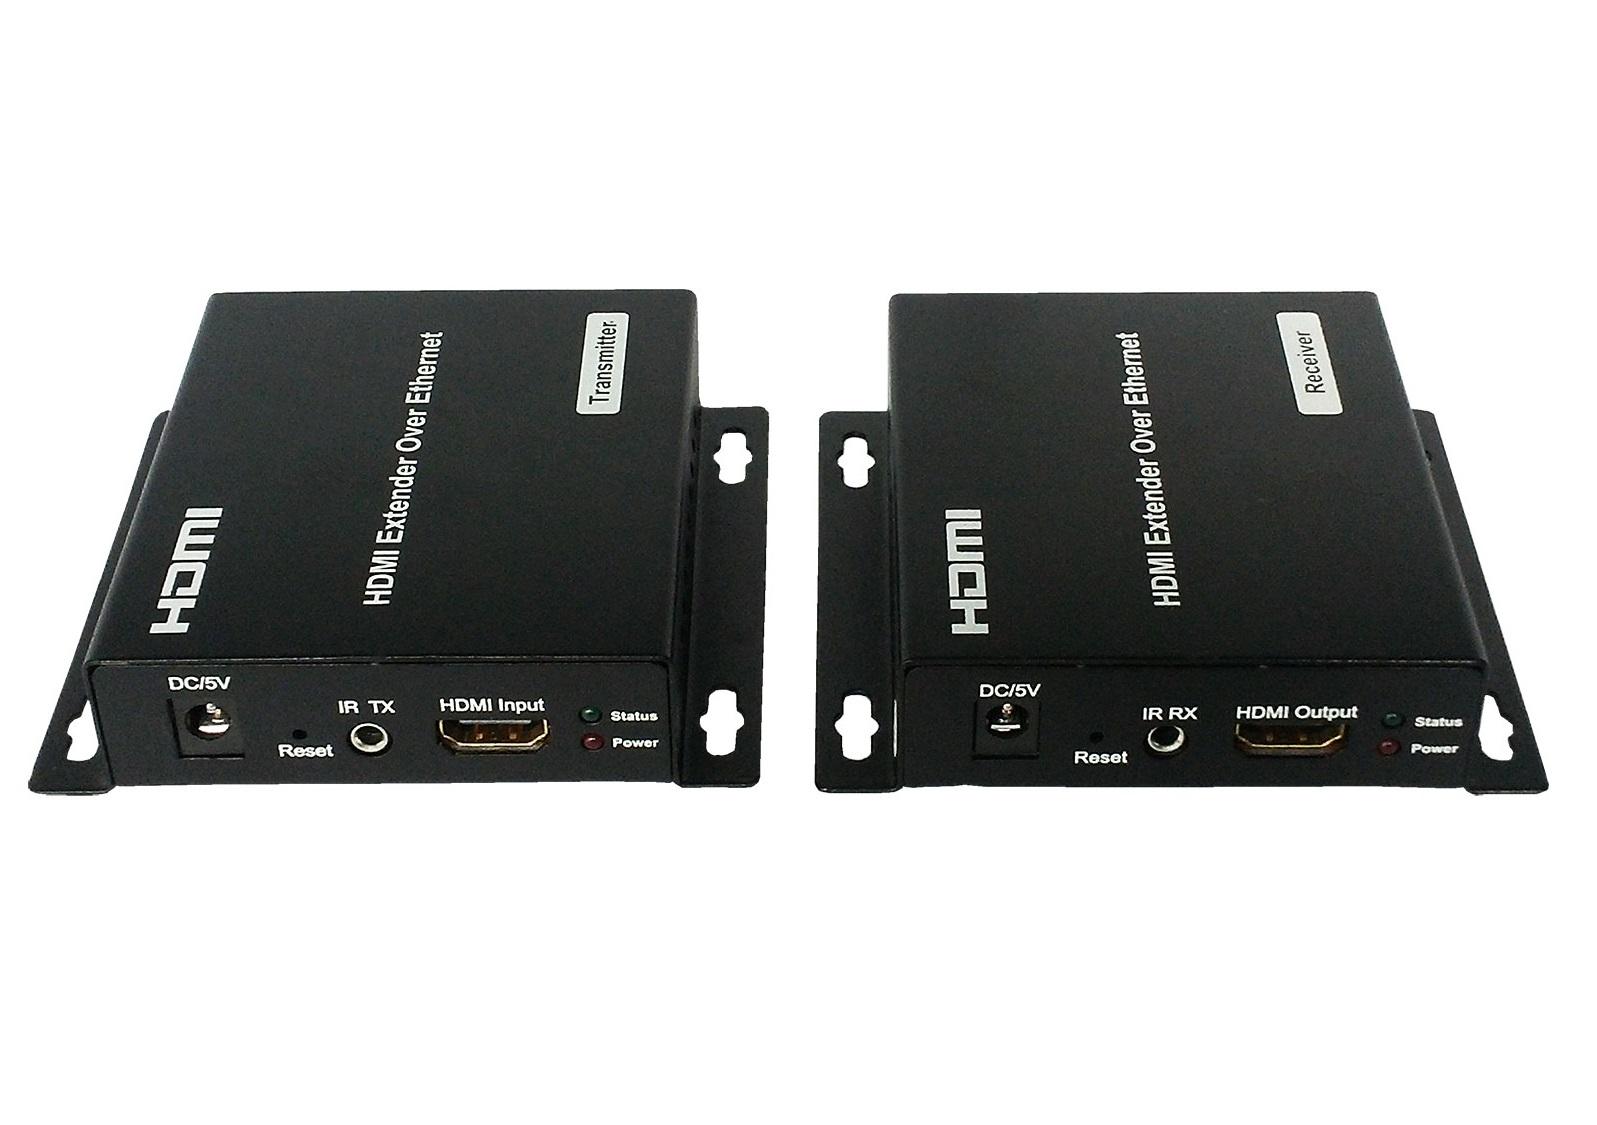 DigitMX DMX-EXTIP1 HDMI Extender over IP 120m with IR (KIT)